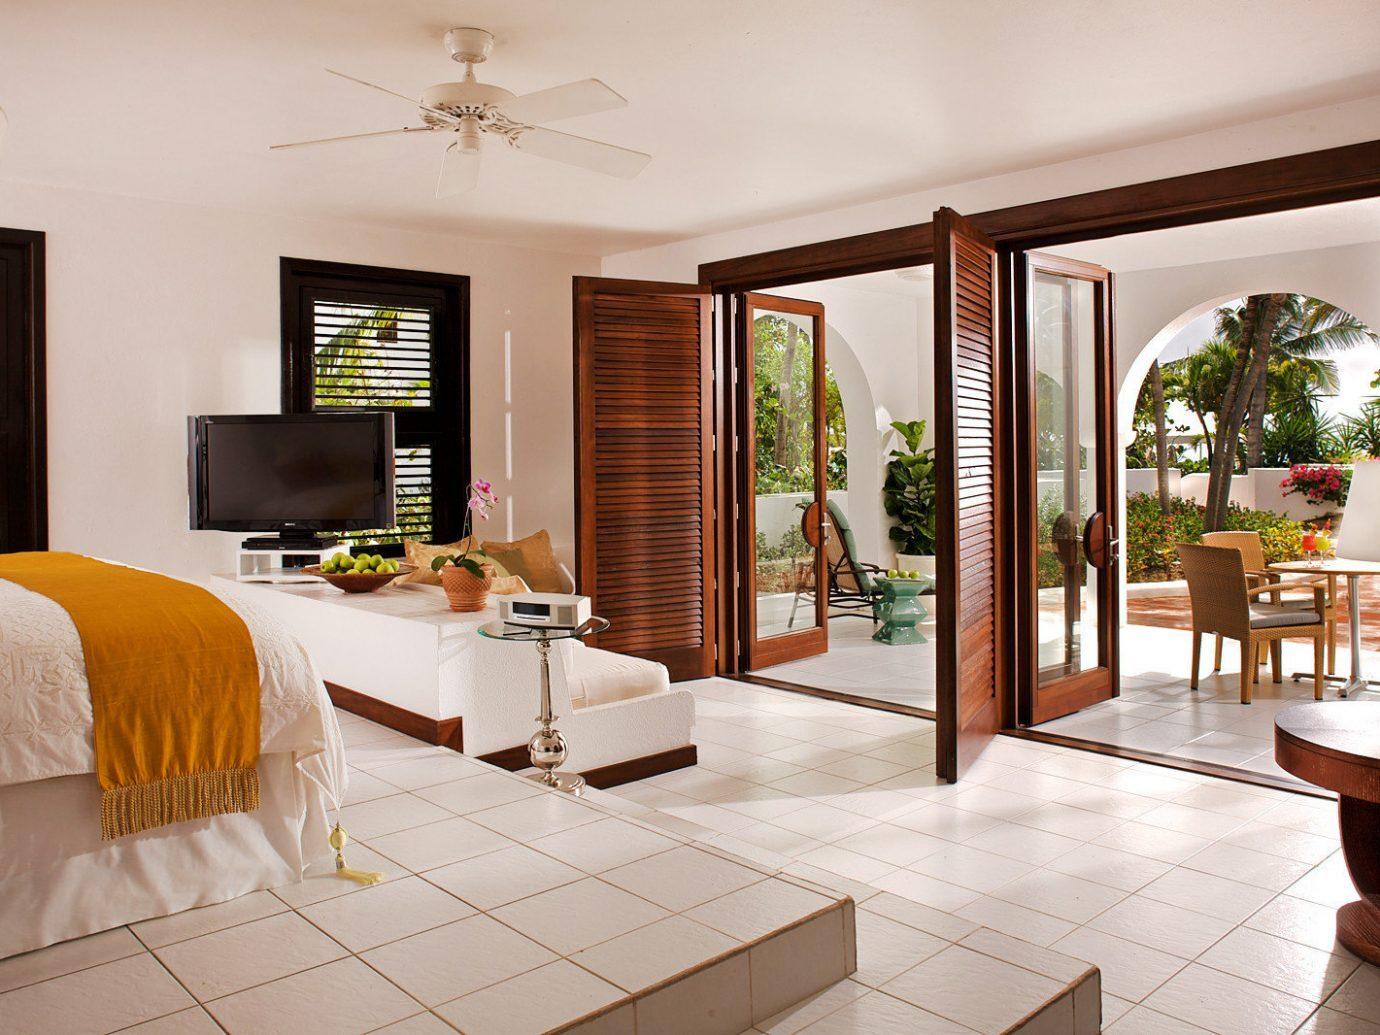 Bedroom at Belmond Cap Juluca